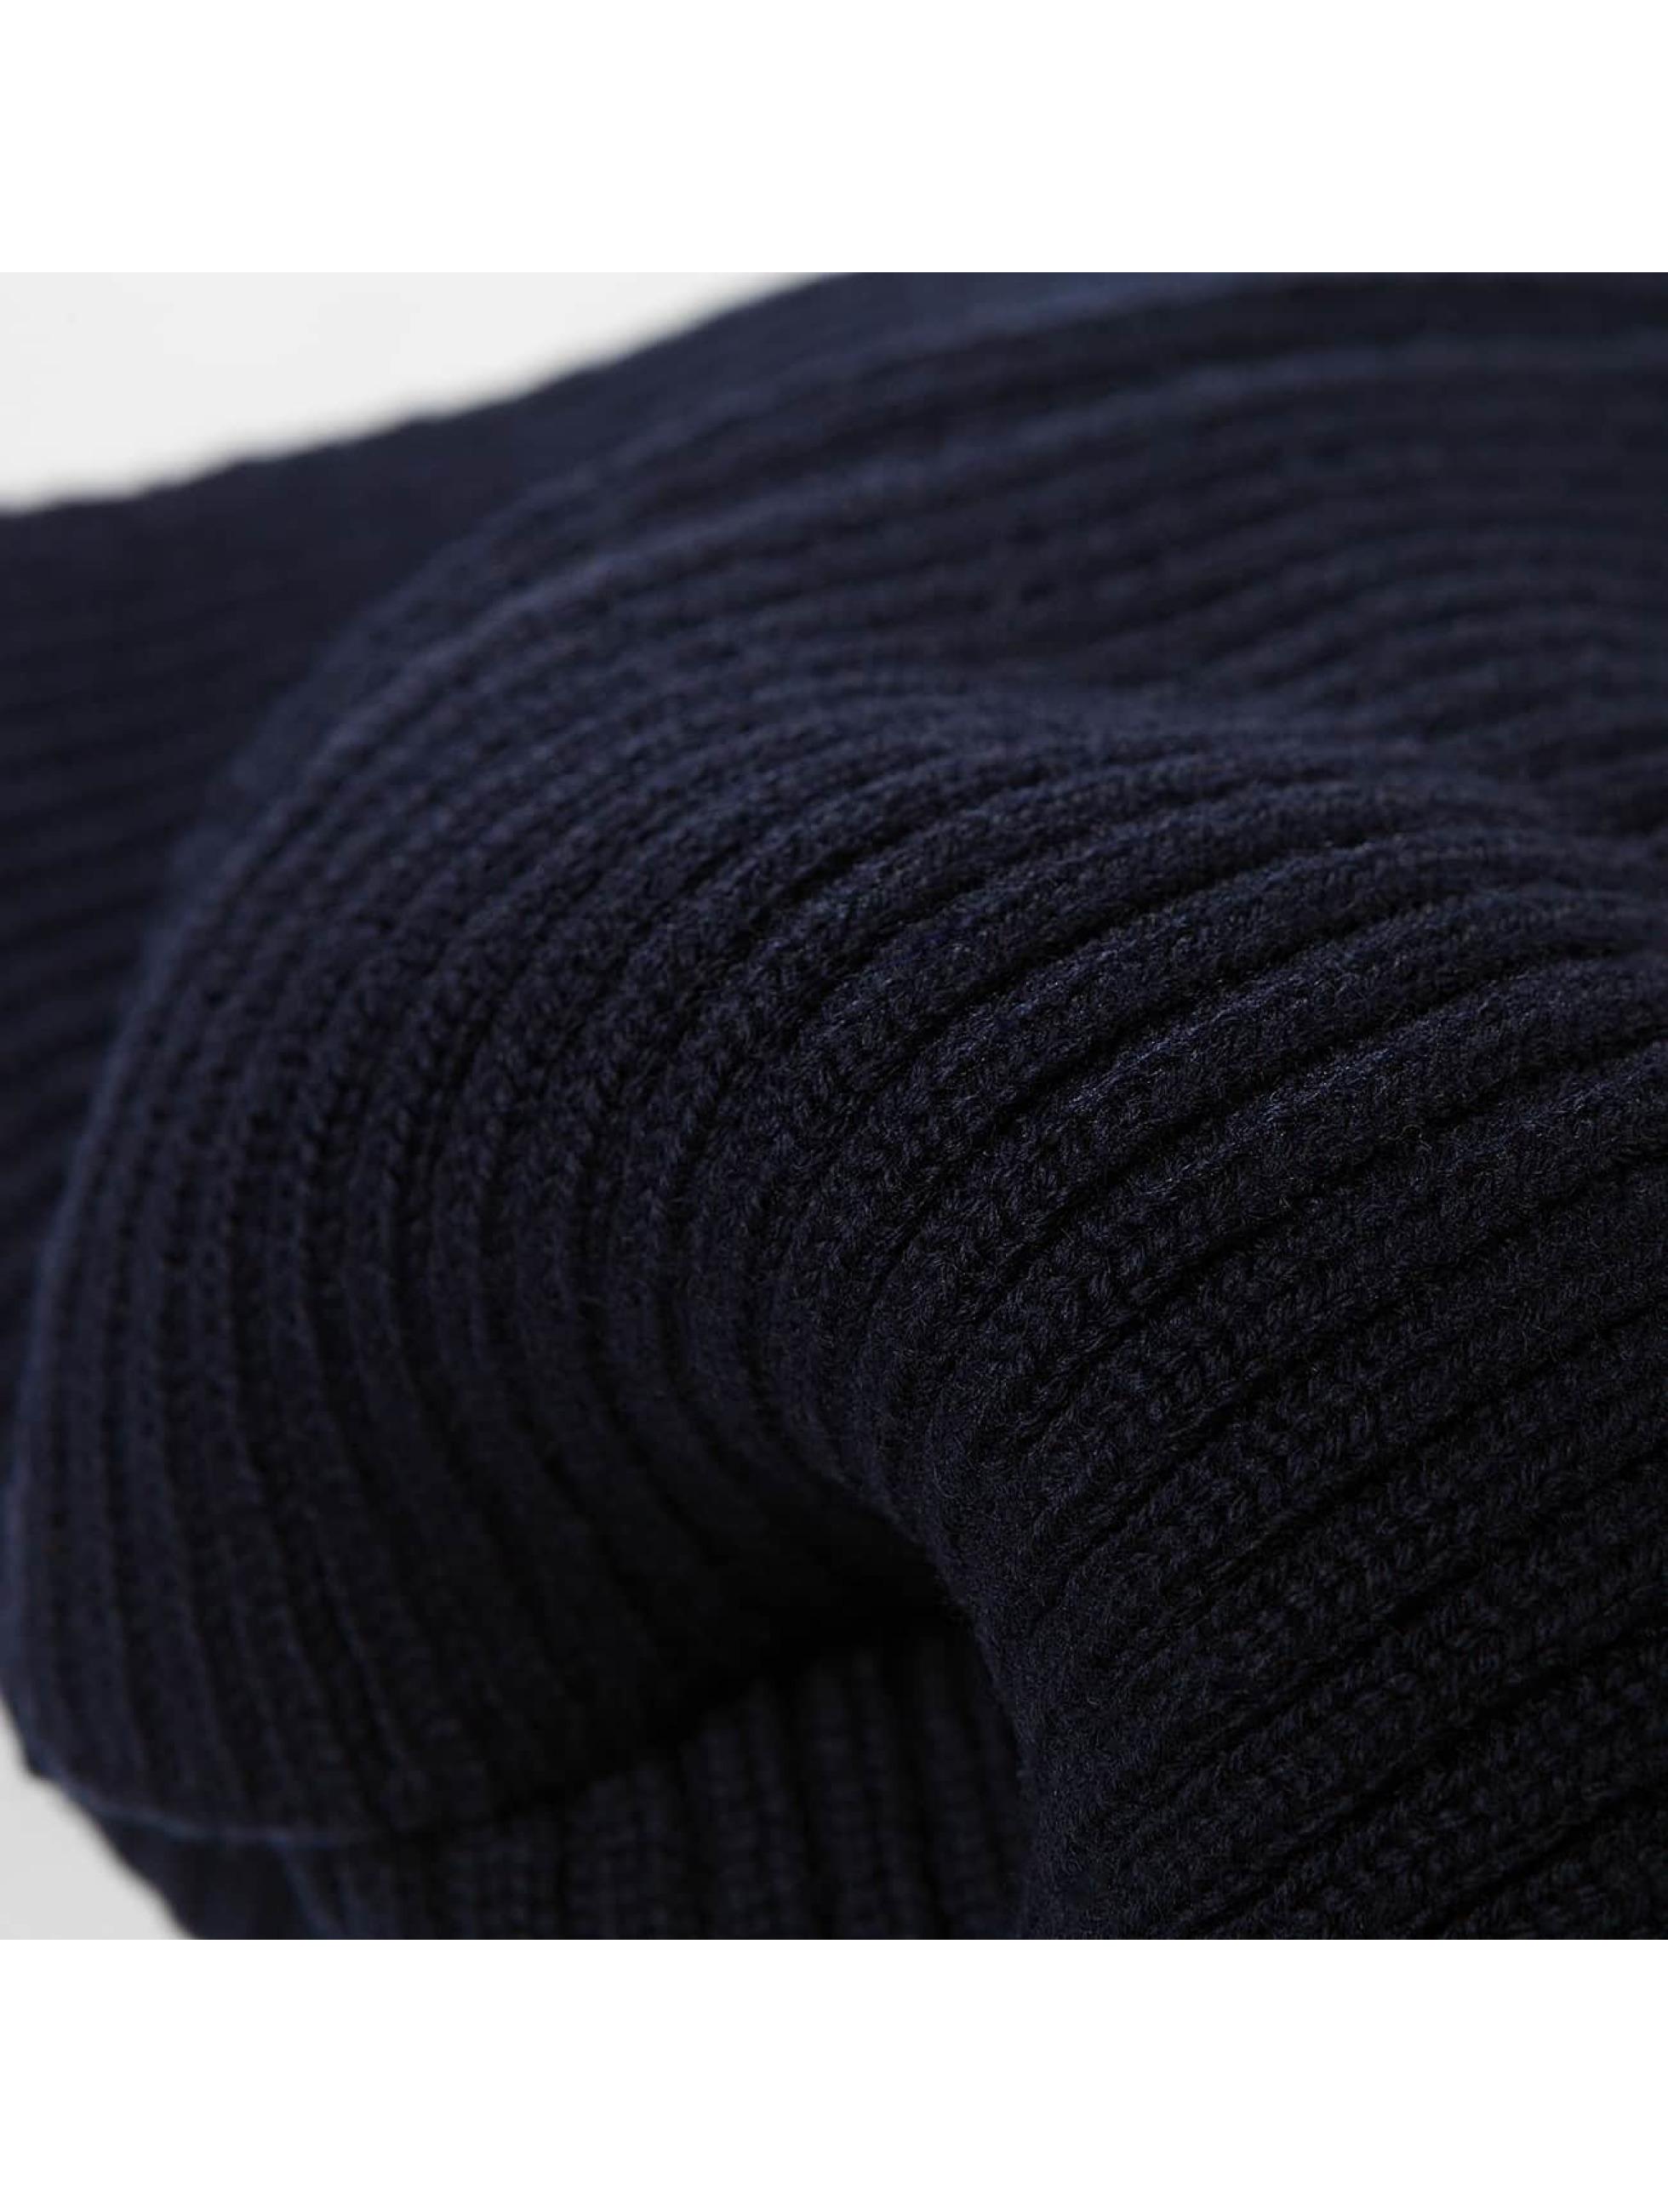 Lacoste Classic Šály / Šatky Knitted modrá